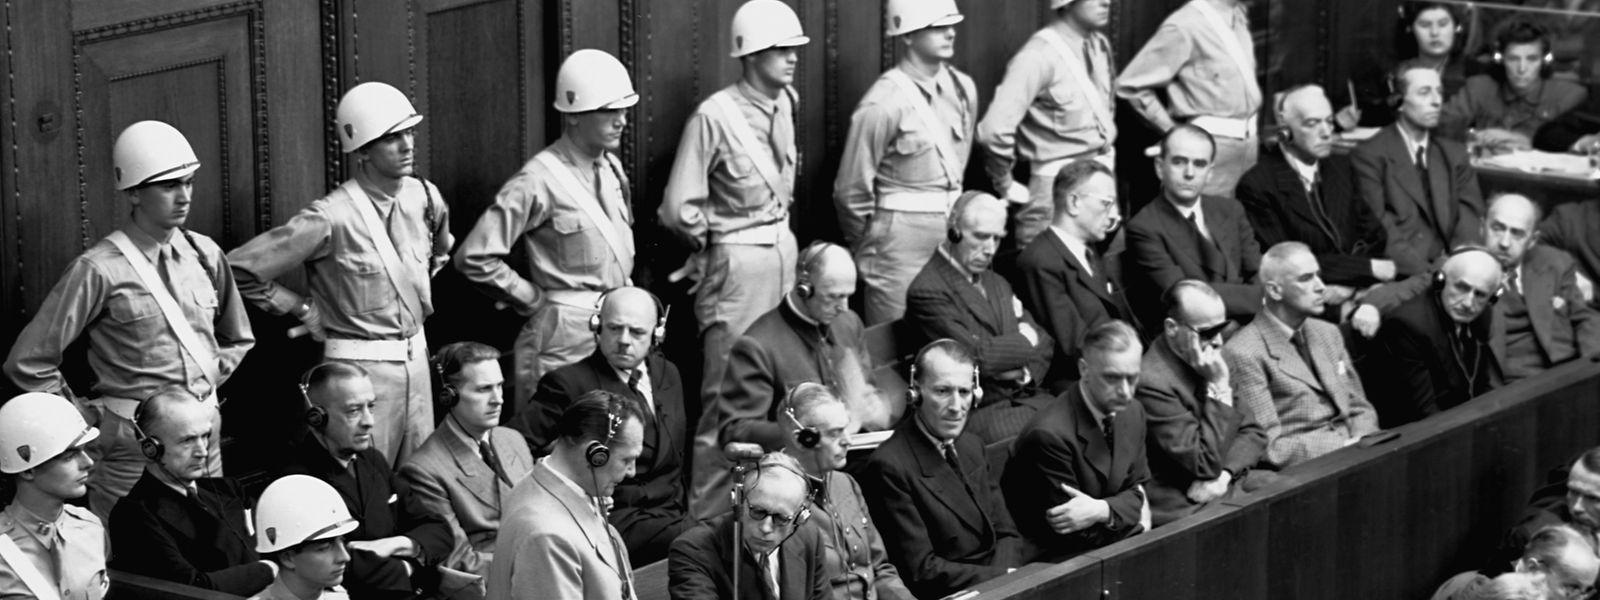 Nazi-Bonzen auf der Anklagebank: Am 20. November 1945 begann der Prozess gegen die Hautkriegsverbrecher.